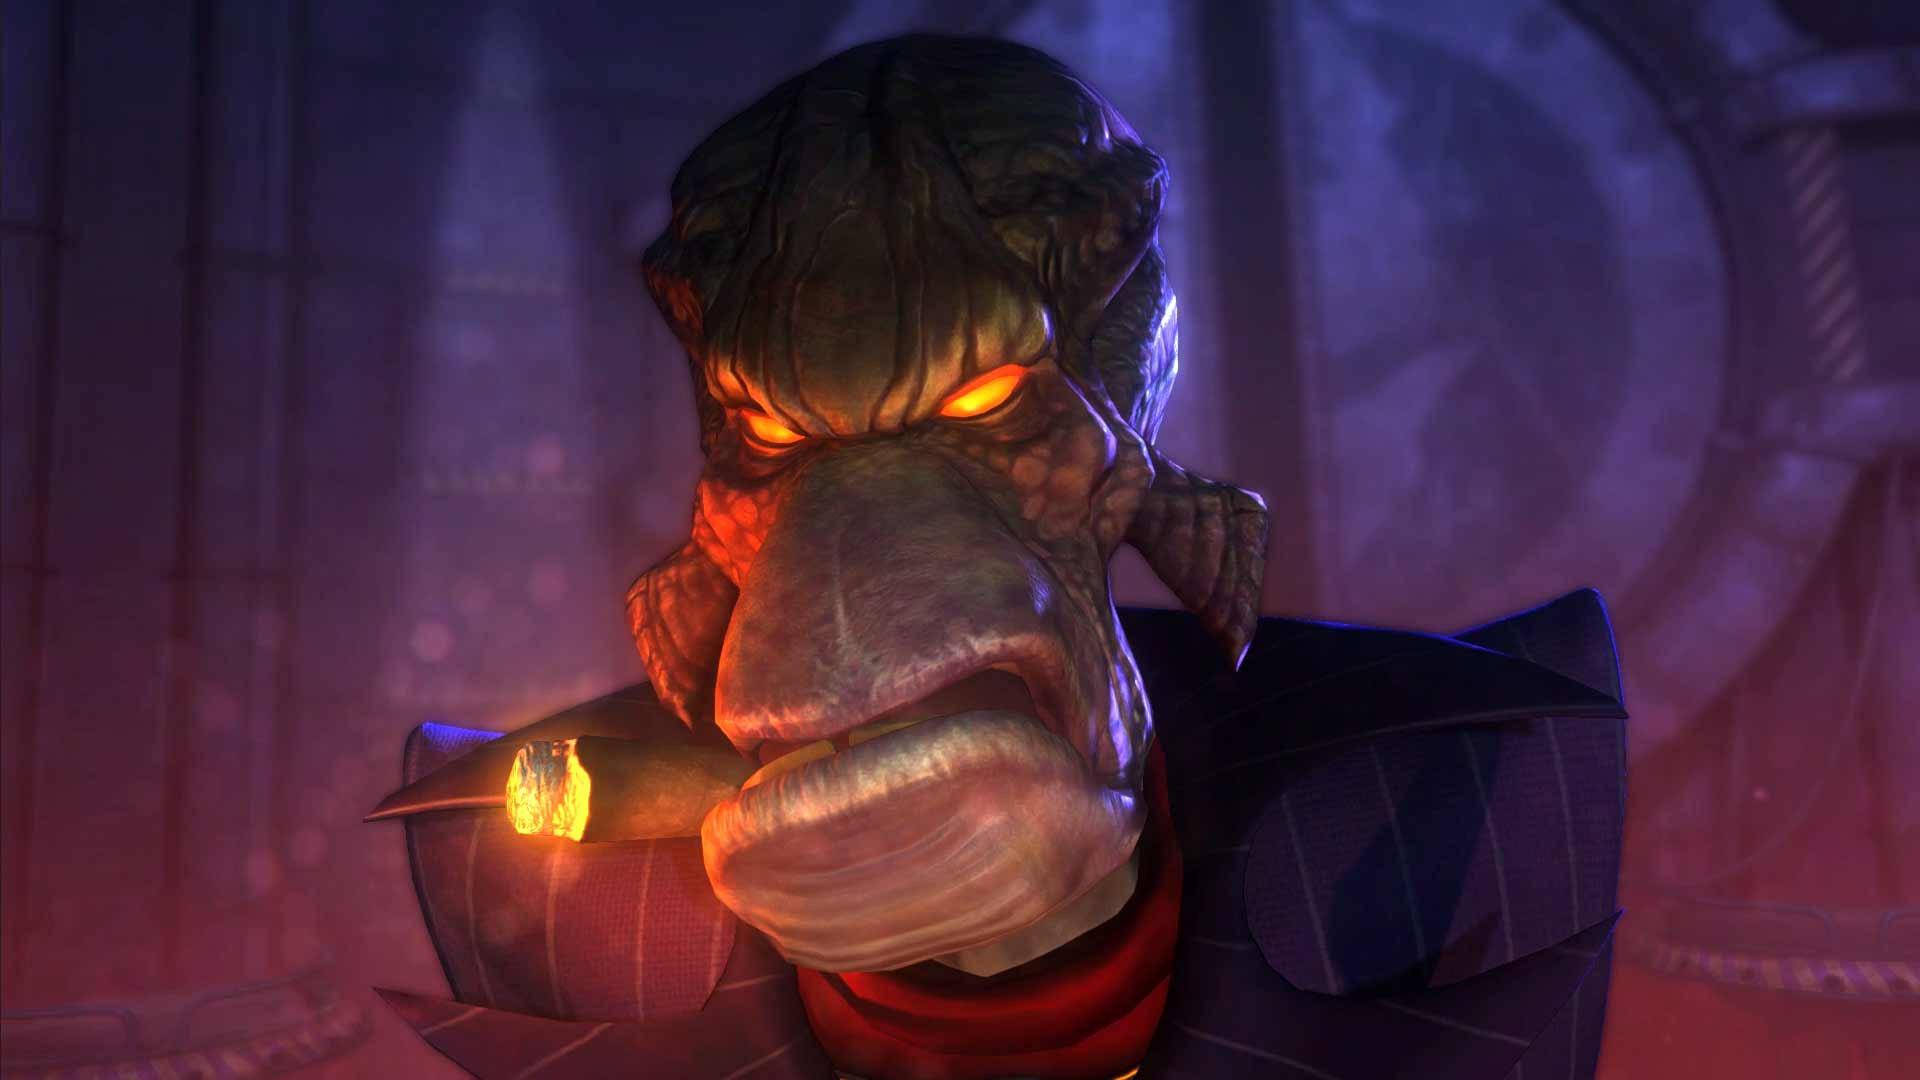 Релиз Oddworld: New 'n' Tasty на Nintendo Switch состоится в октябре